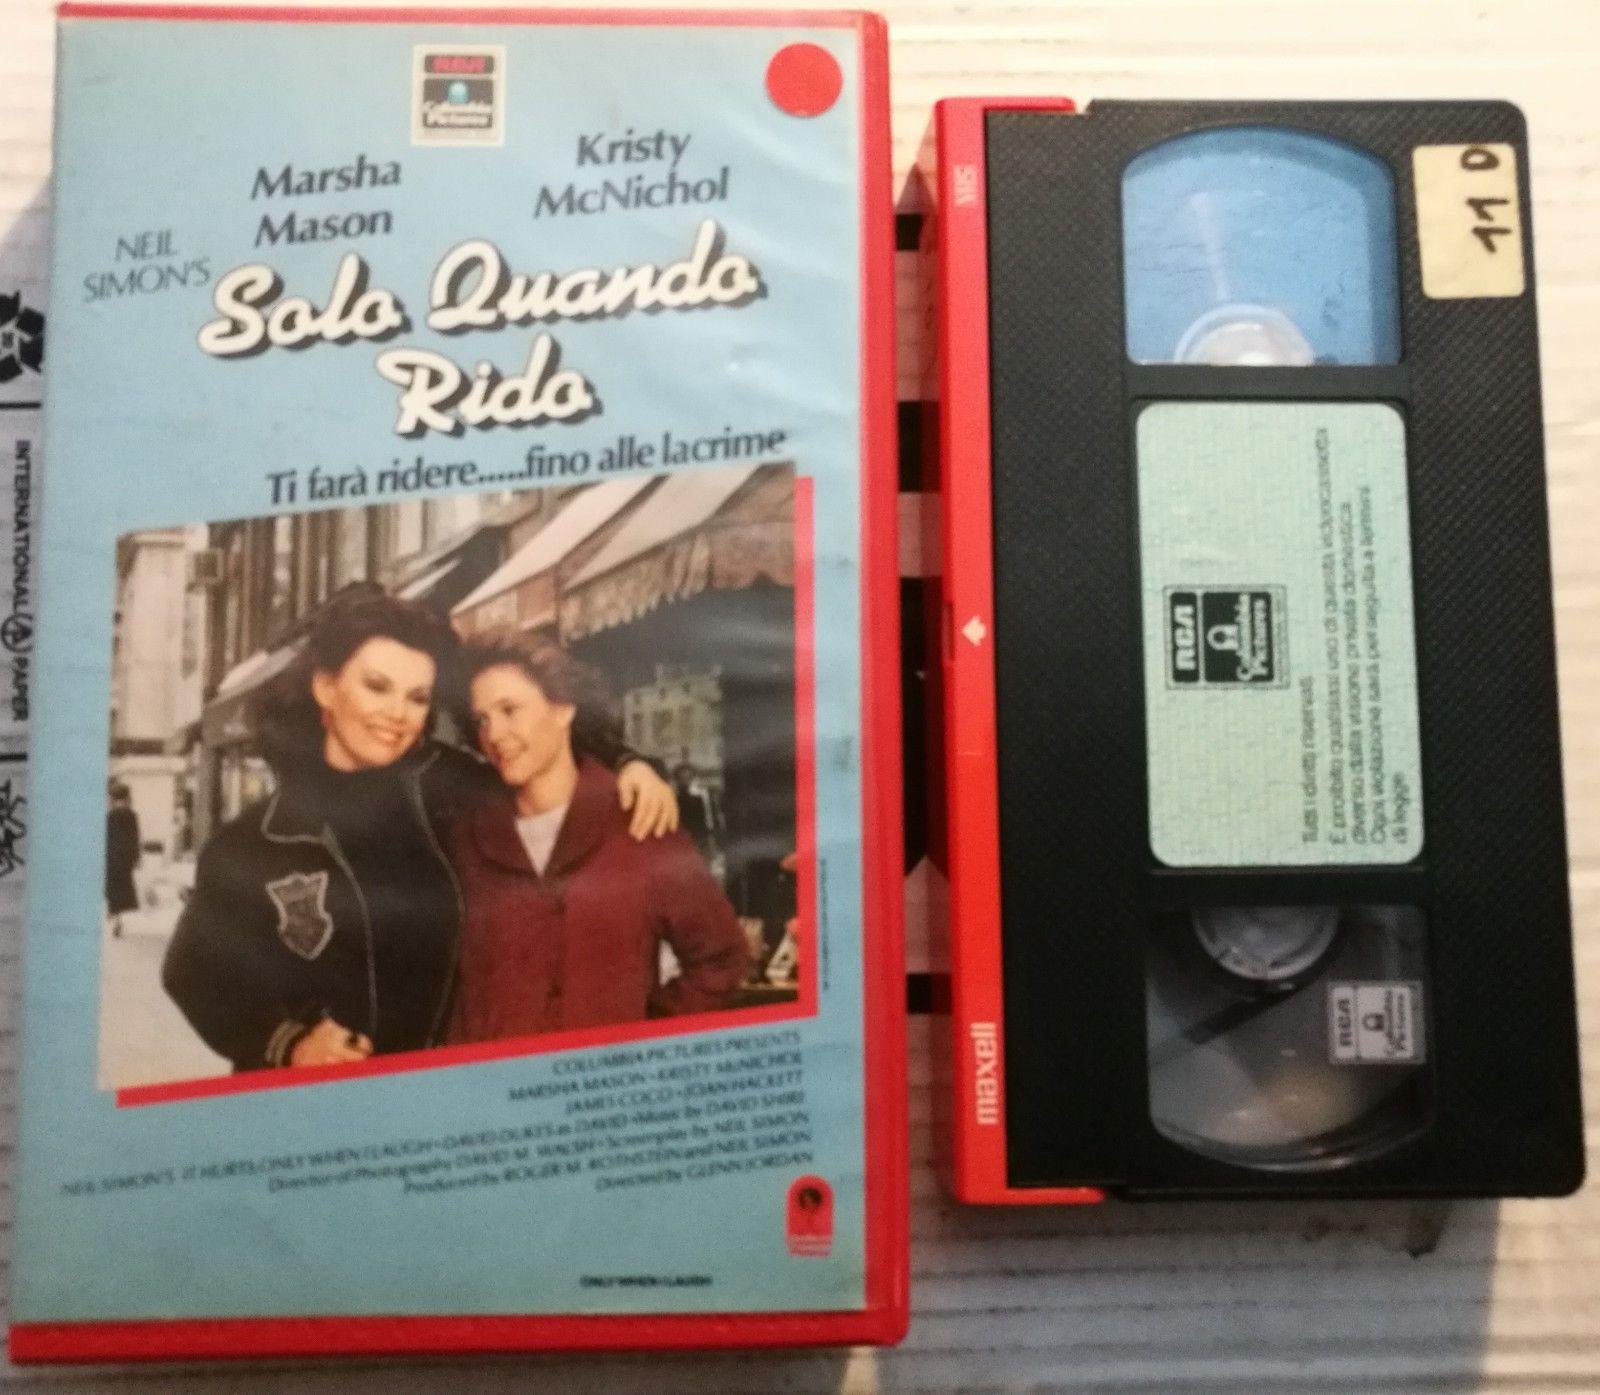 SOLO QUANDO RIDO - VHS EX NOLEGGIO (VHS)